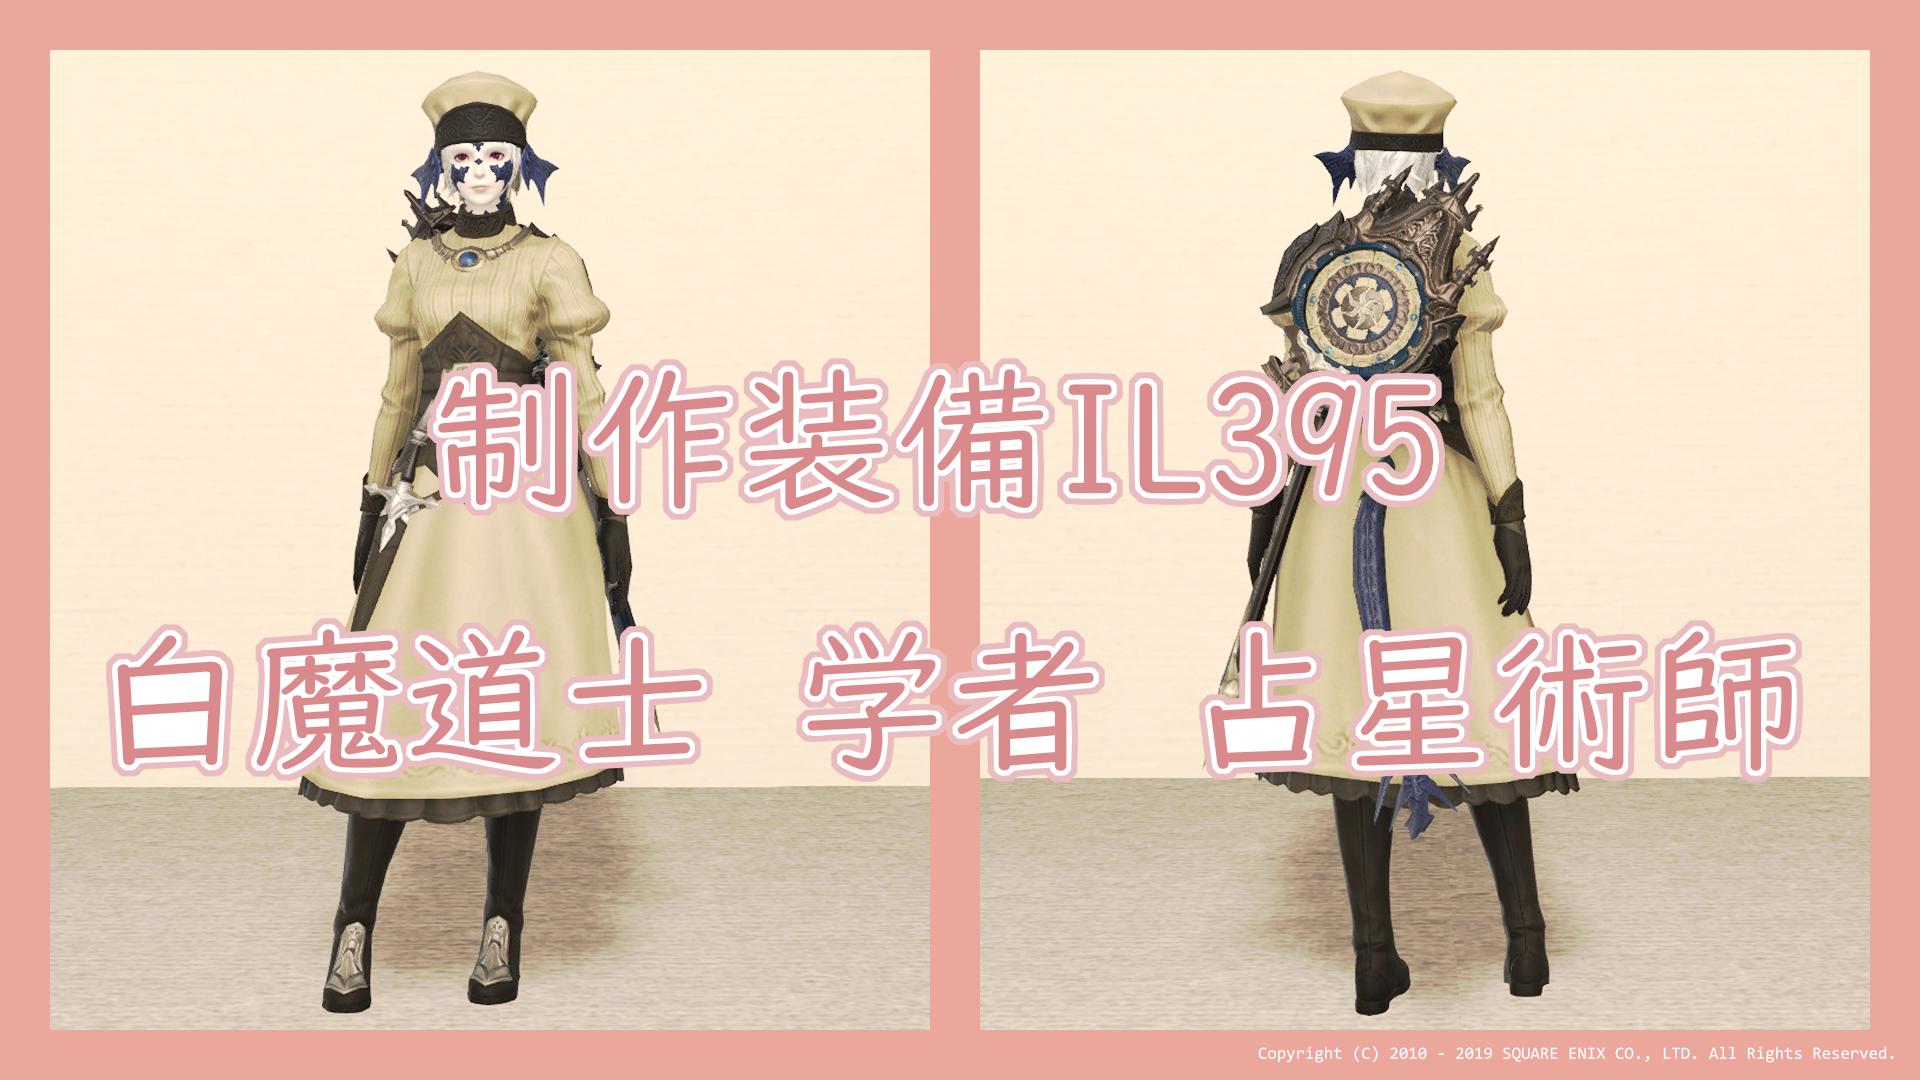 【FF14】制作で入手できるIL395装備【白学占】